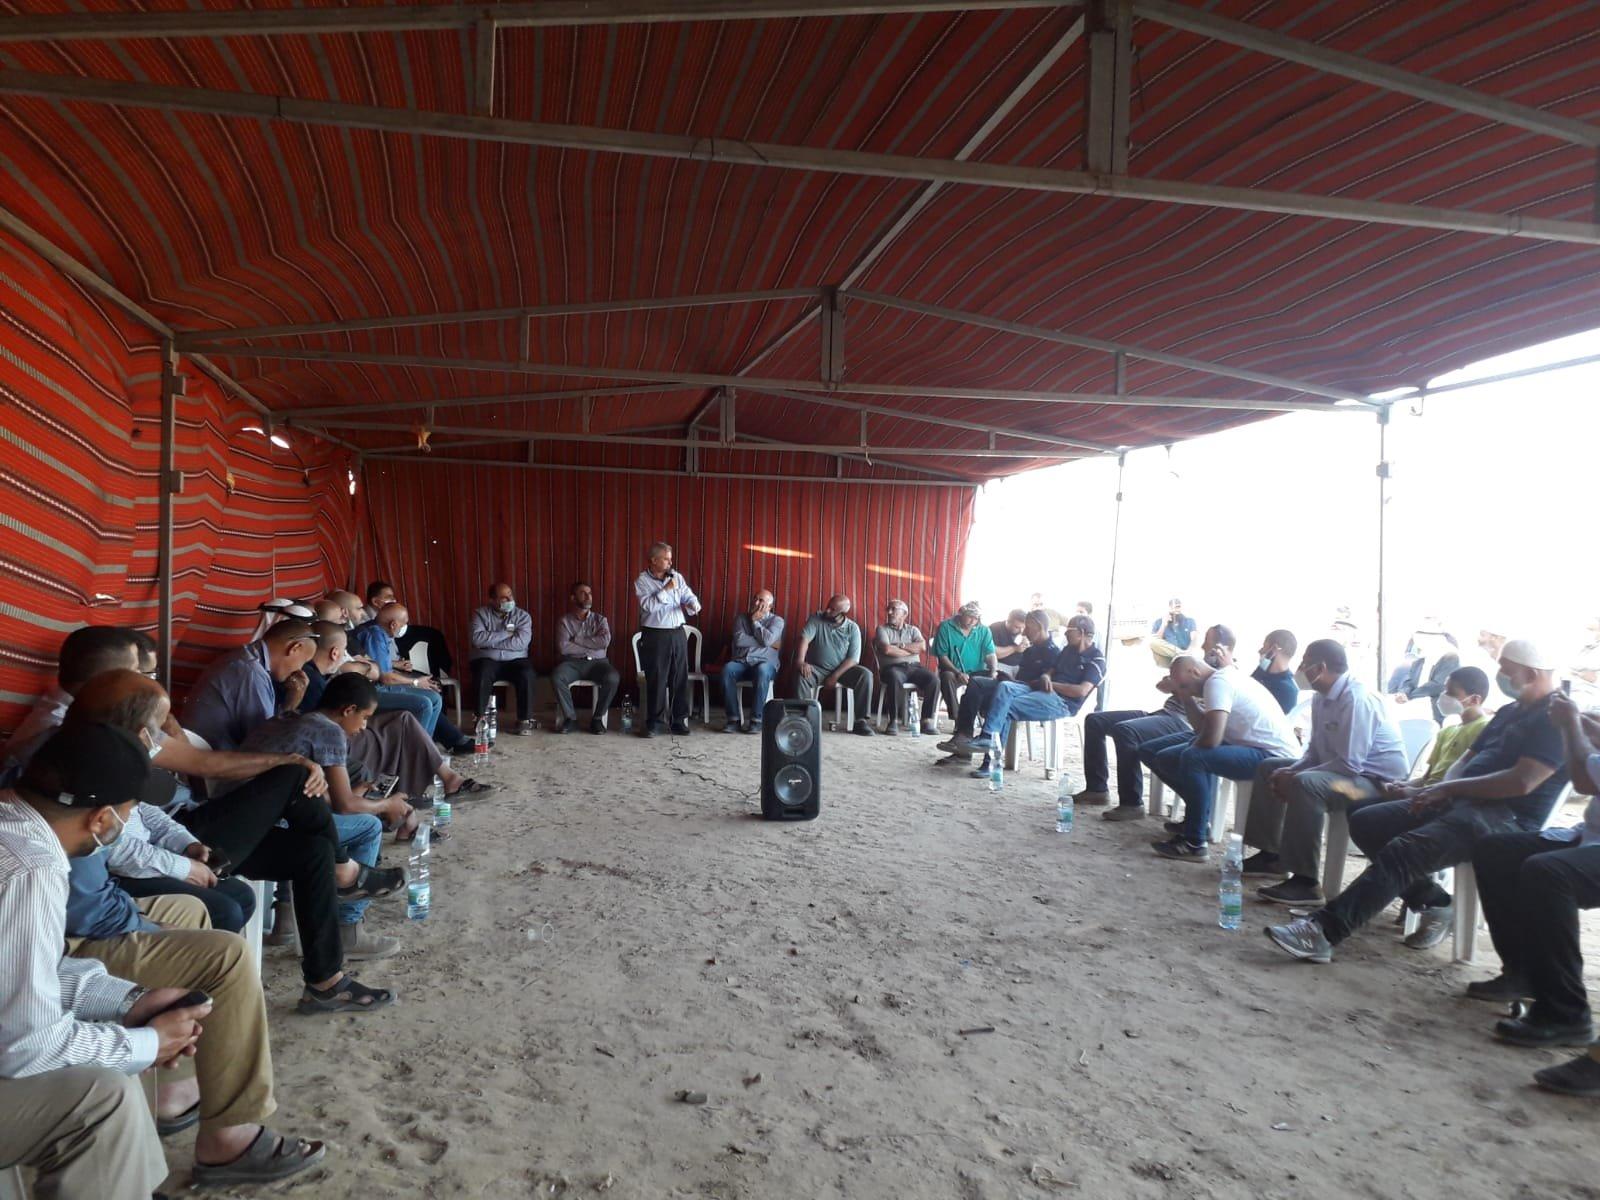 أمسية ثقافية في خيمة الاعتصام بخربة الوطن في النقب-2